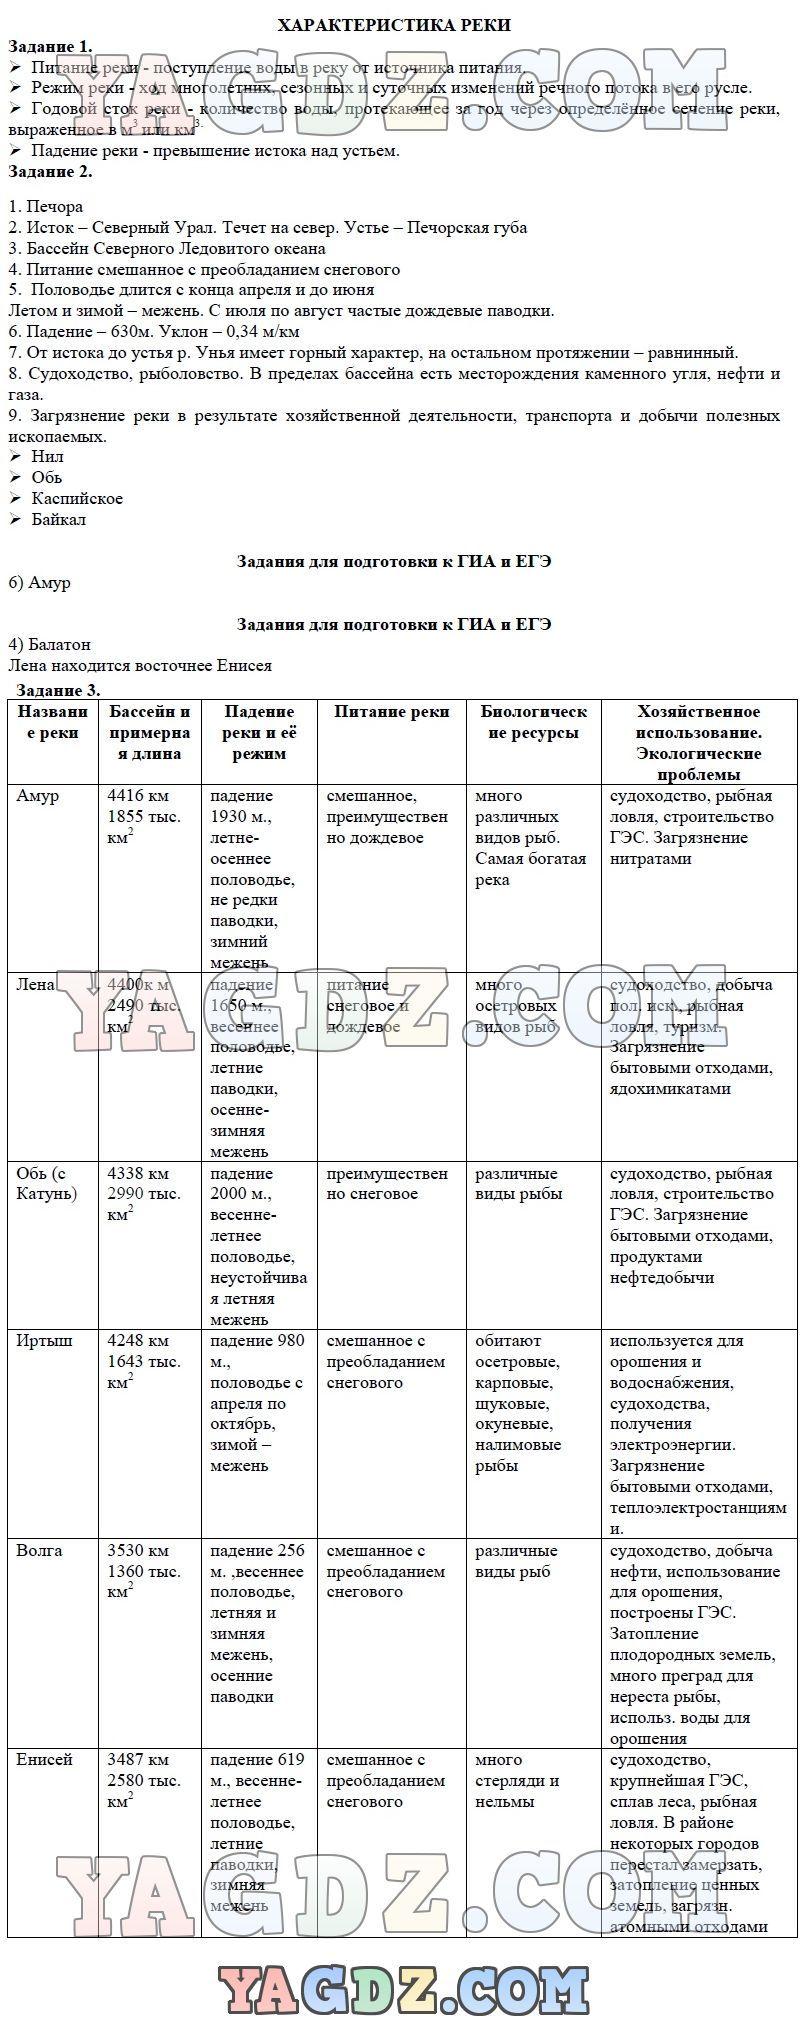 Рабочая тетрадь по биологии для 11 класса2-е издание переработанное